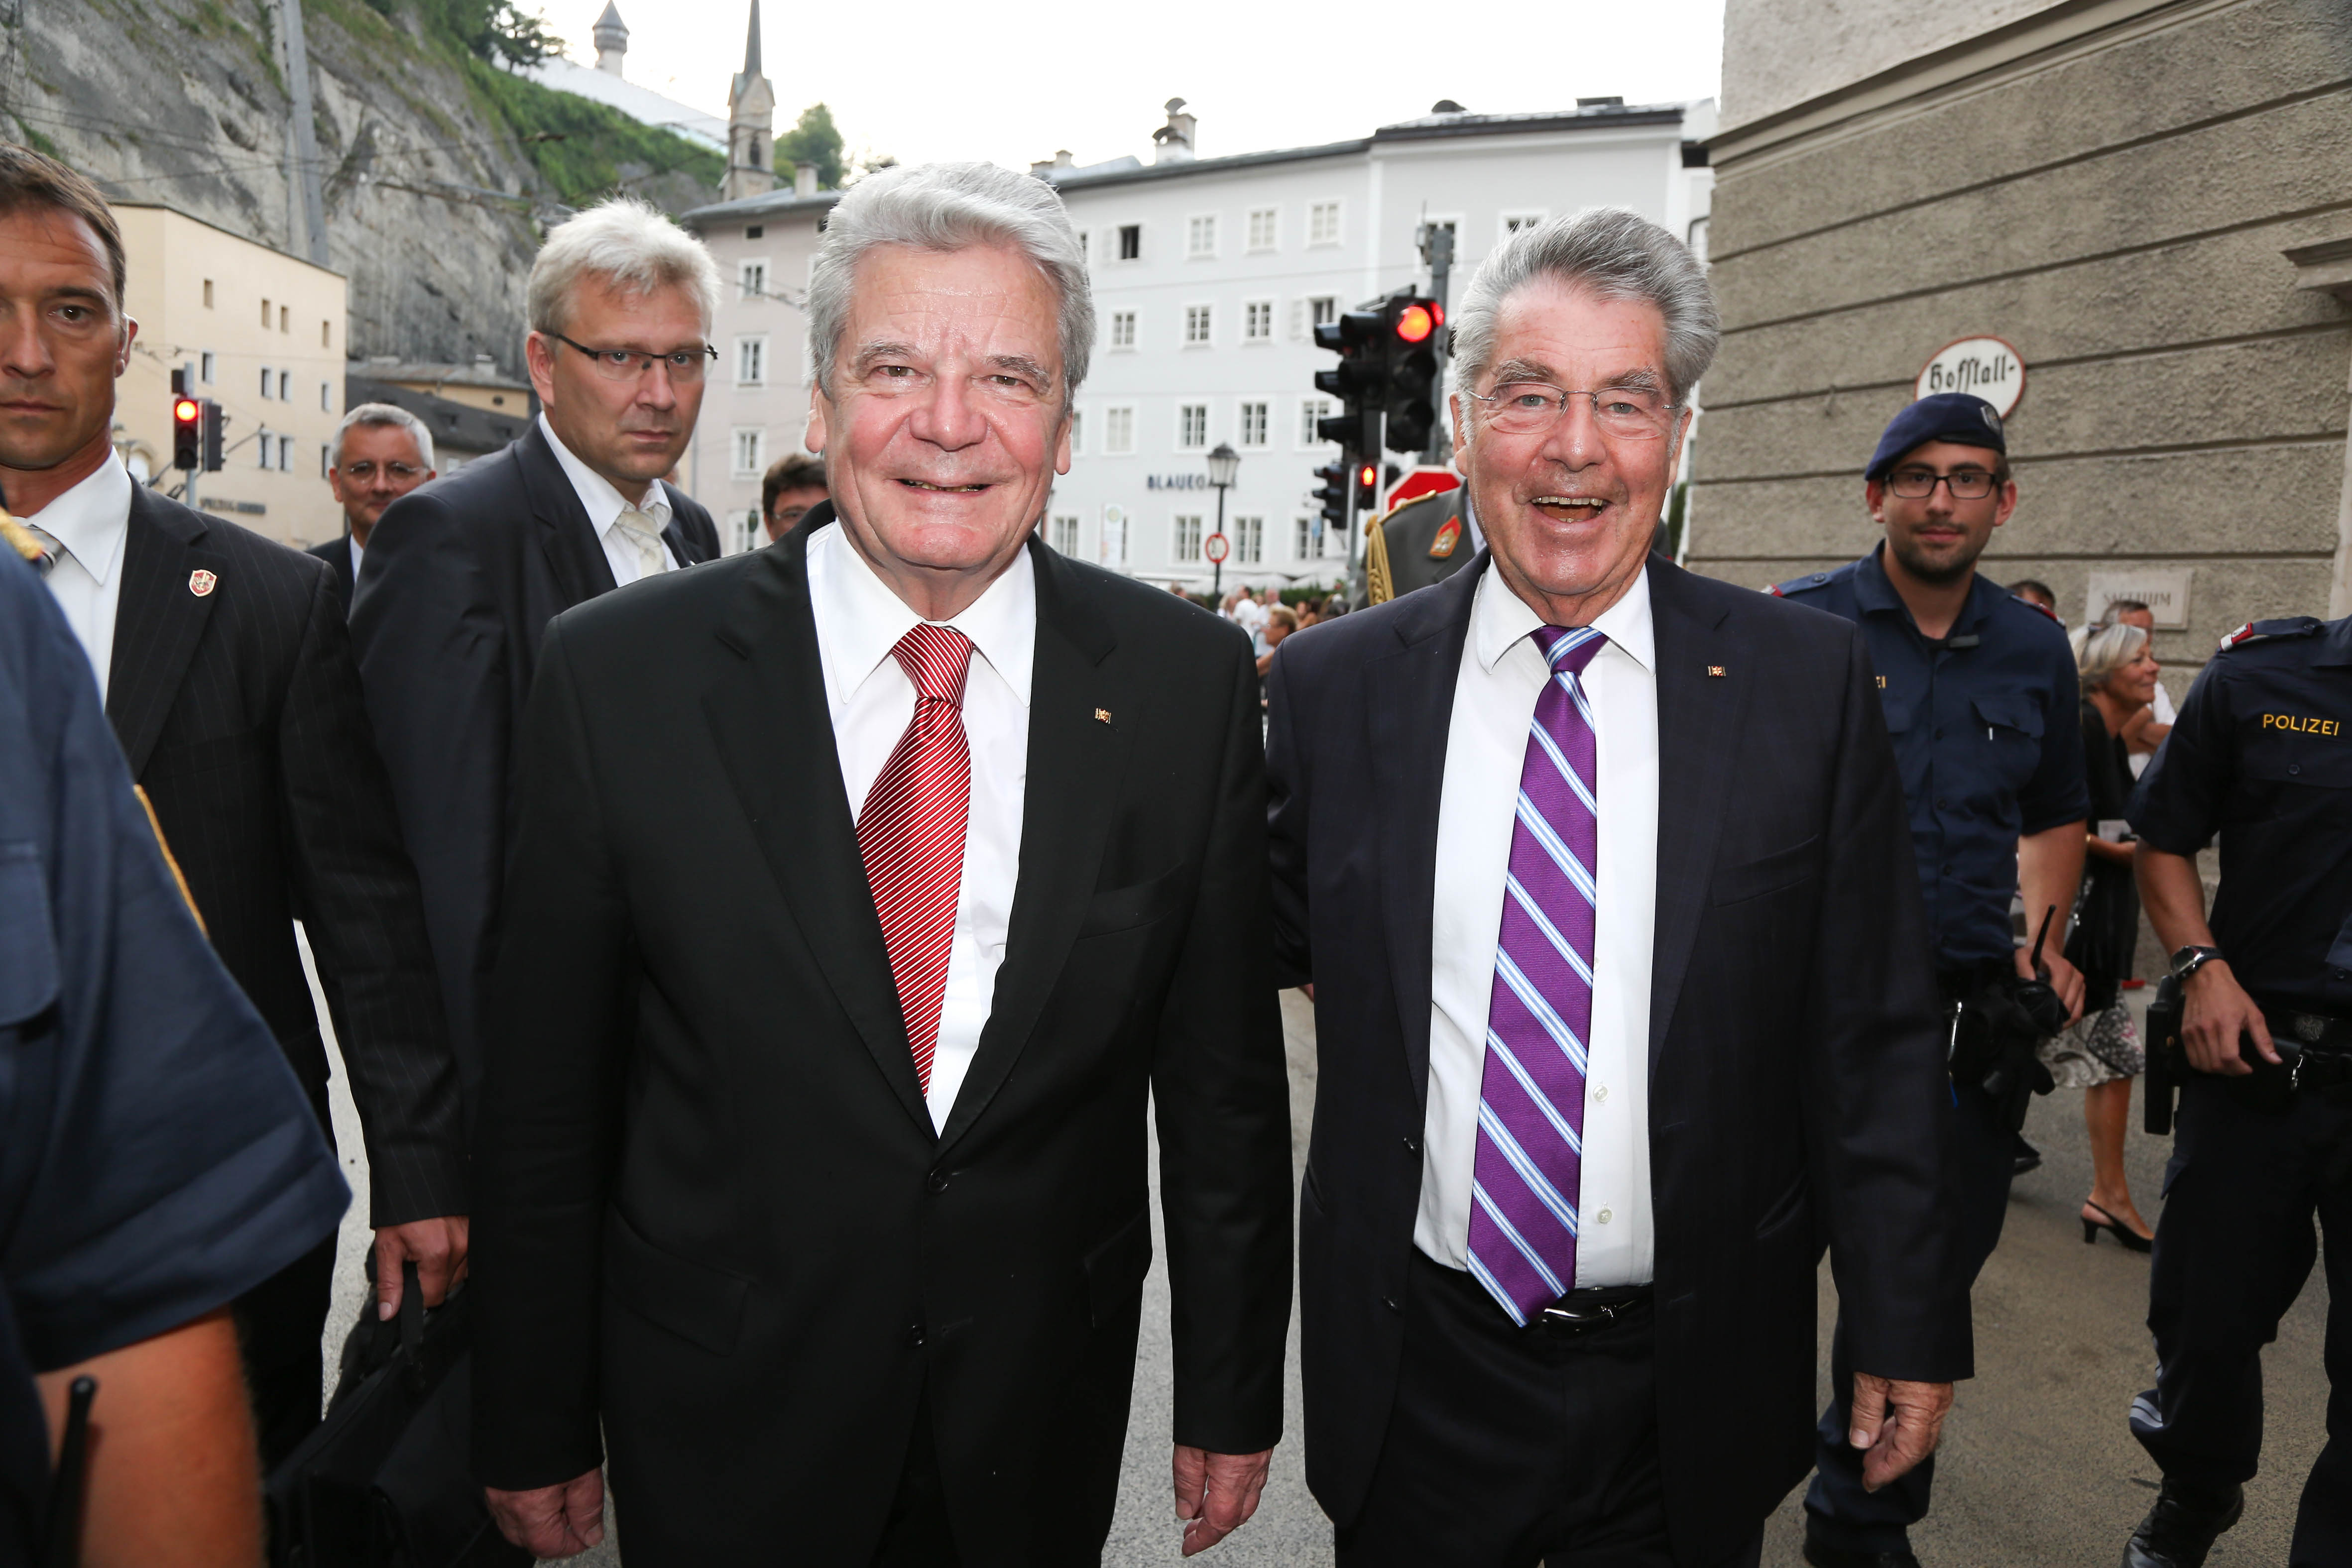 Bundespräsidenten beim offiziellen Stadtspaziergang